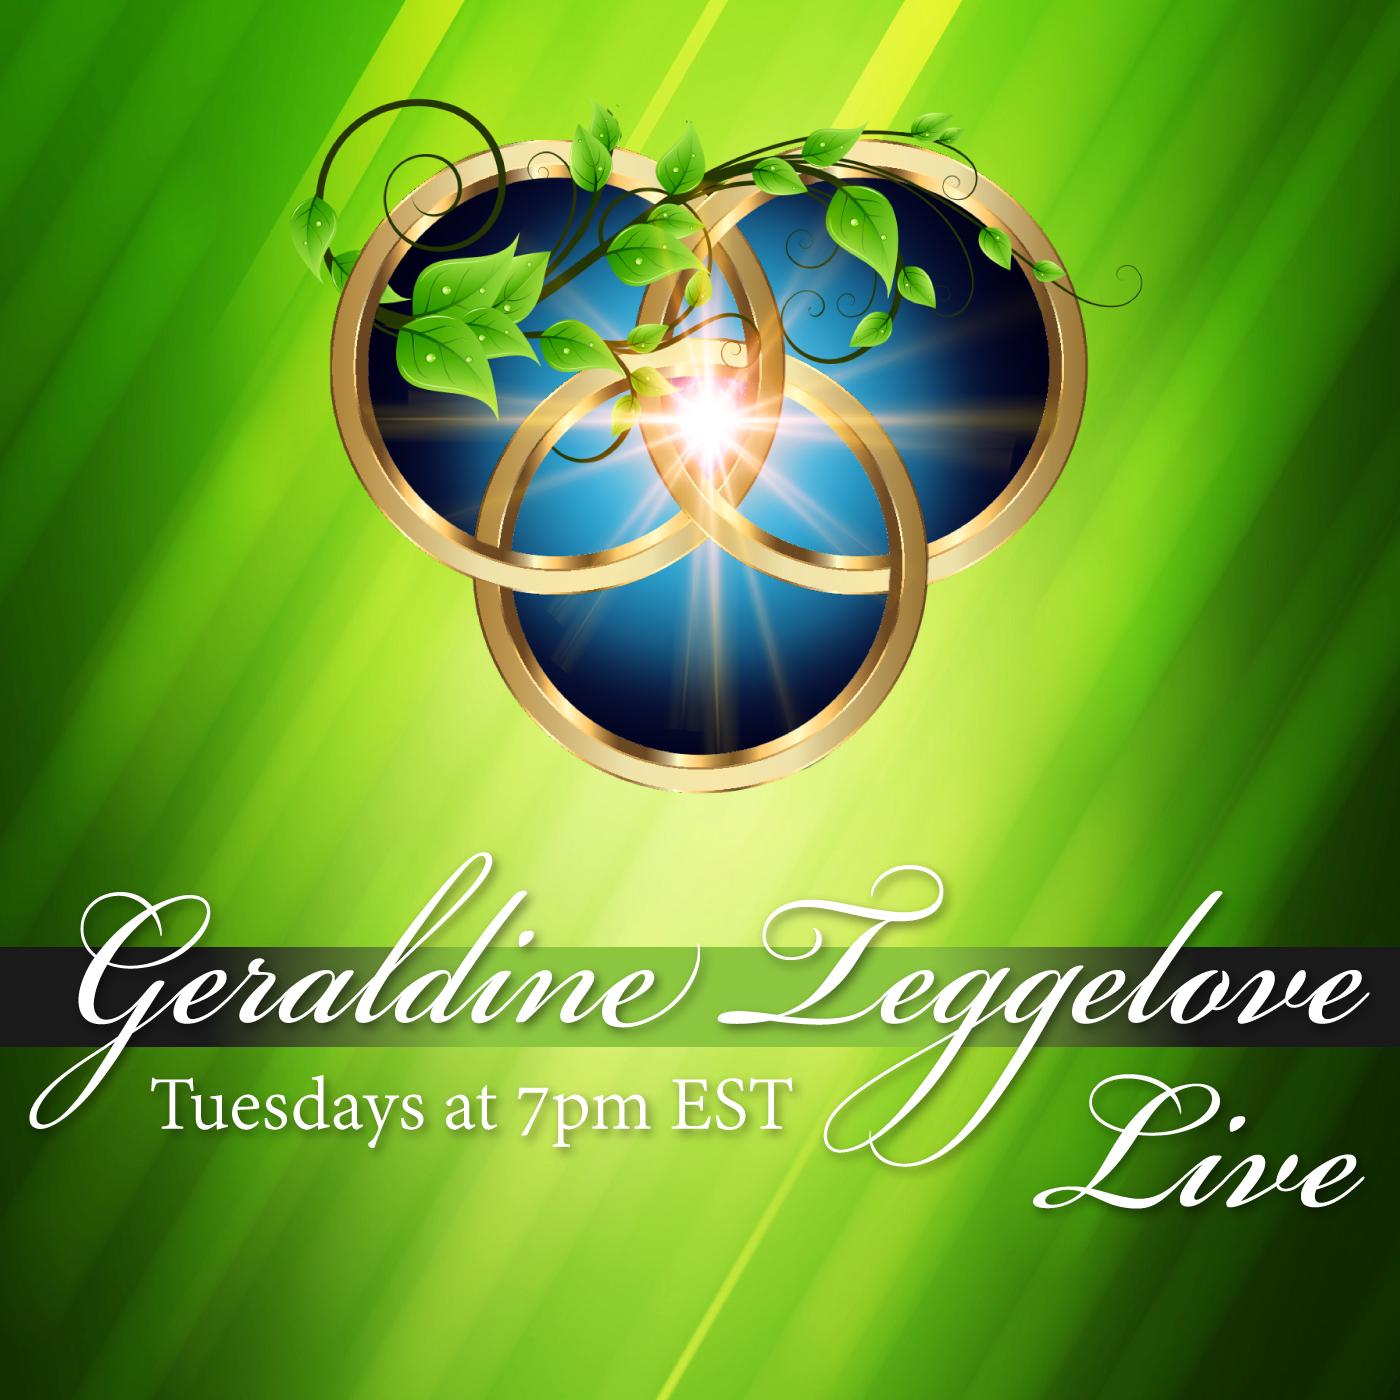 <![CDATA[Geraldine Teggelove Live]]>